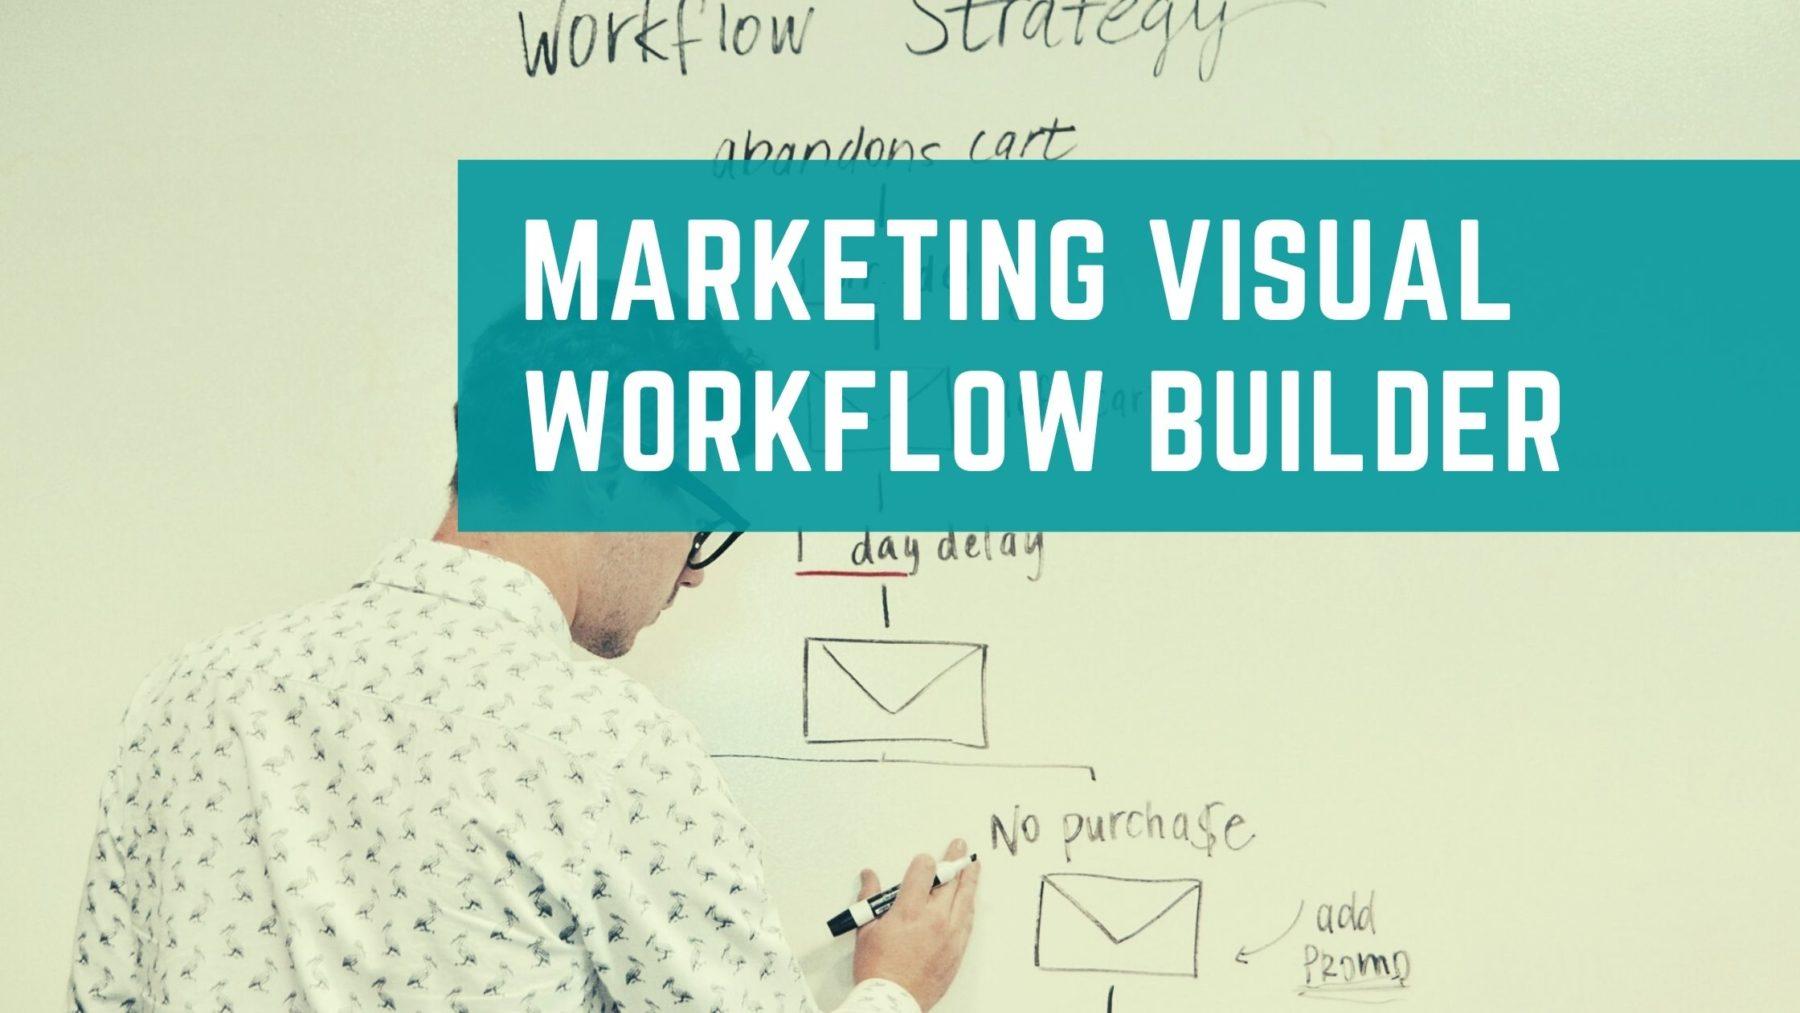 Marketing Visual Workflow Builder